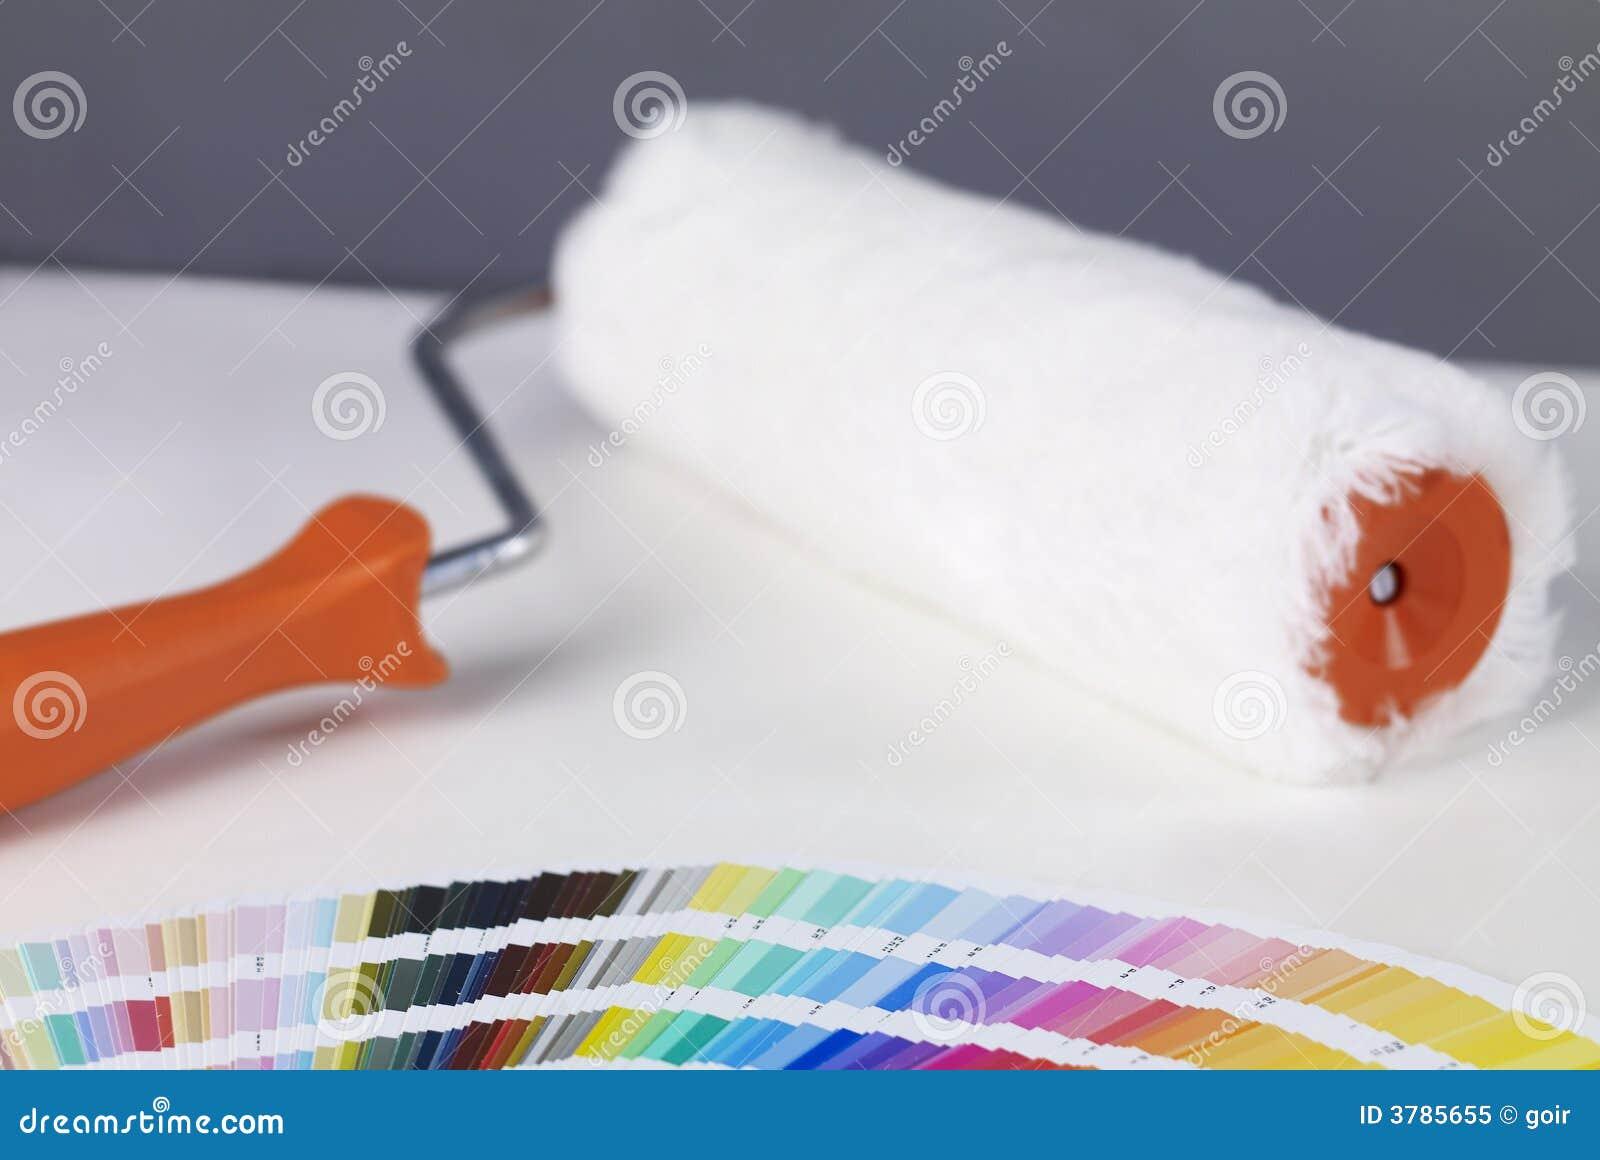 Farba rolki